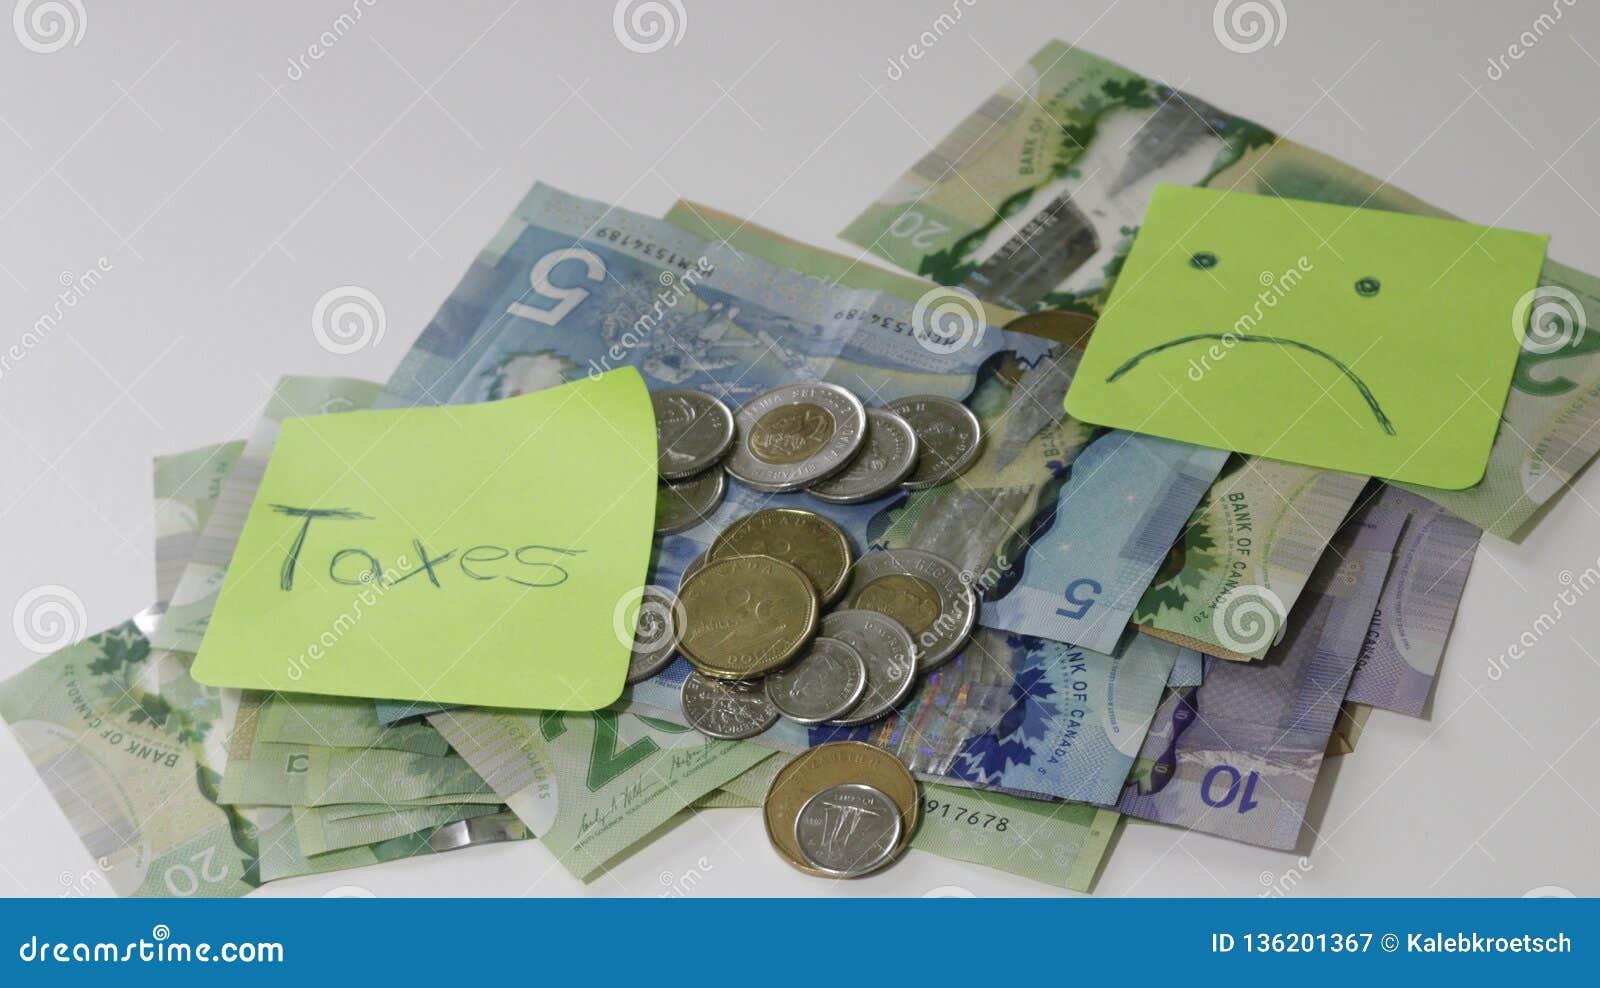 Καναδική επιστροφή φόρου που συλλαβίζουν με τα κεραμίδια επιστολών και τις σημειώσεις καναδικών δολαρίων